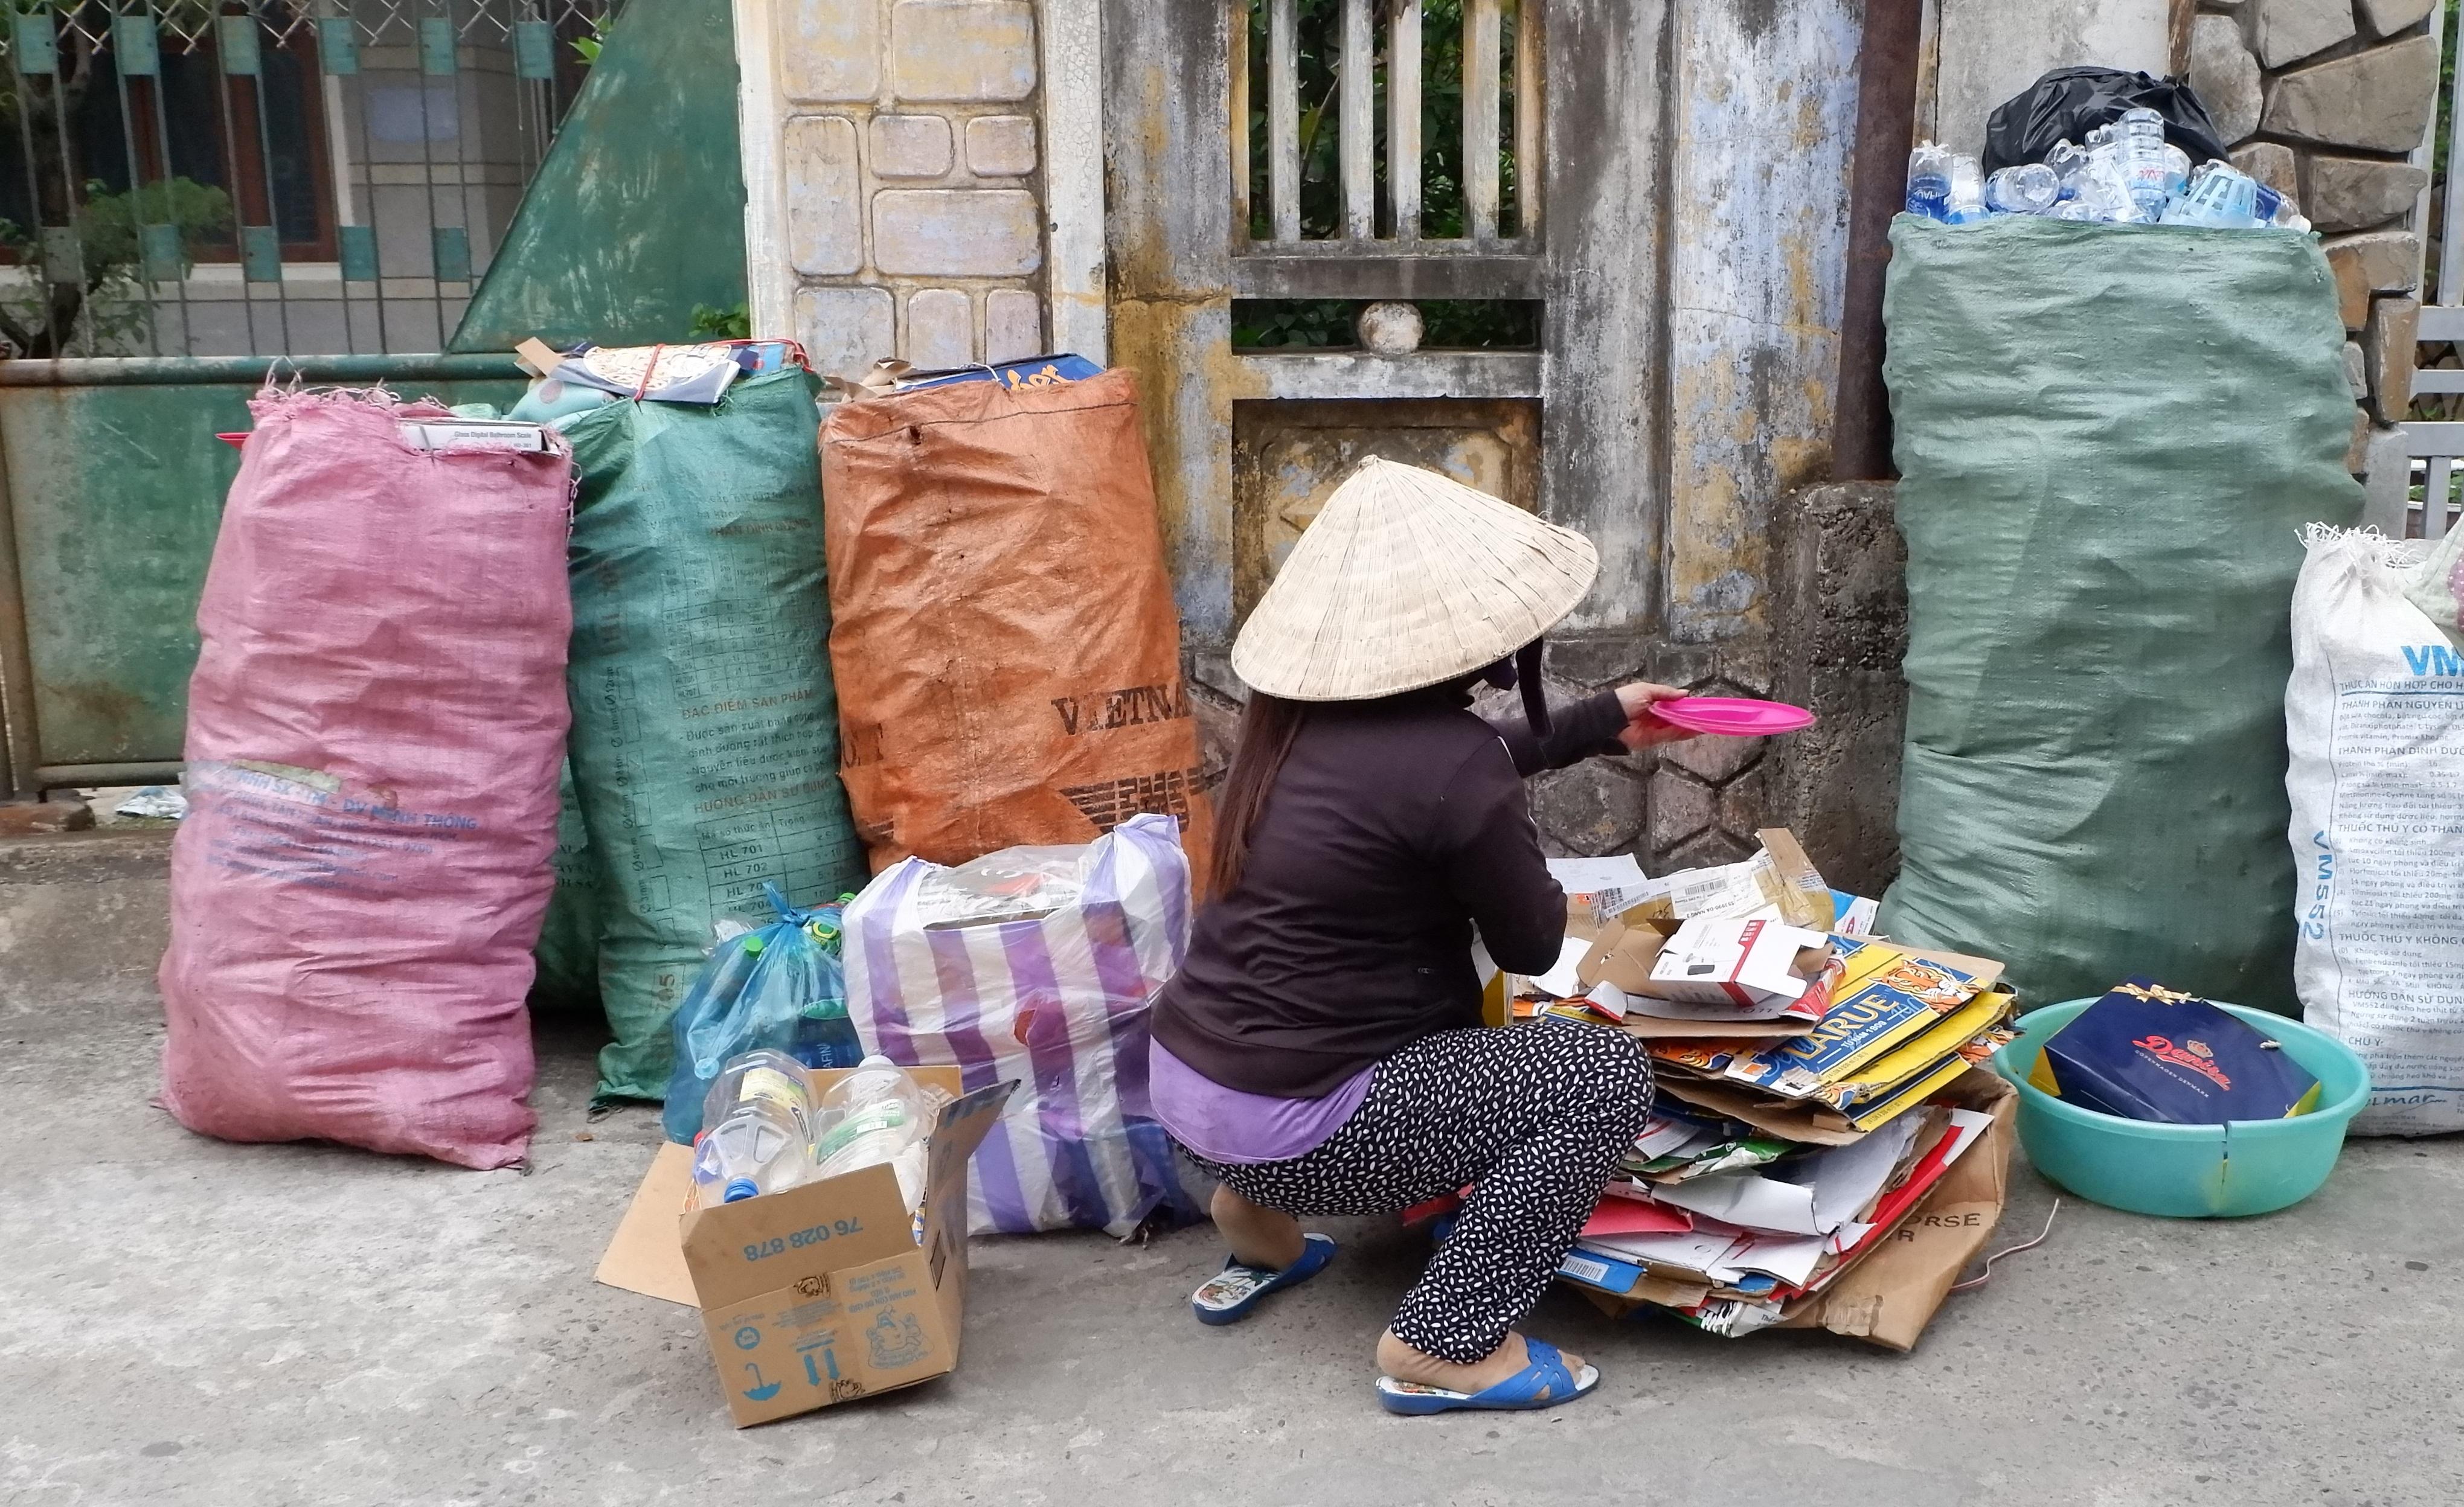 Thực hiện Mô hình giảm thiểu, thu gom, phân loại và tái chế rác thải sinh hoạt tại phường An Hải Đông